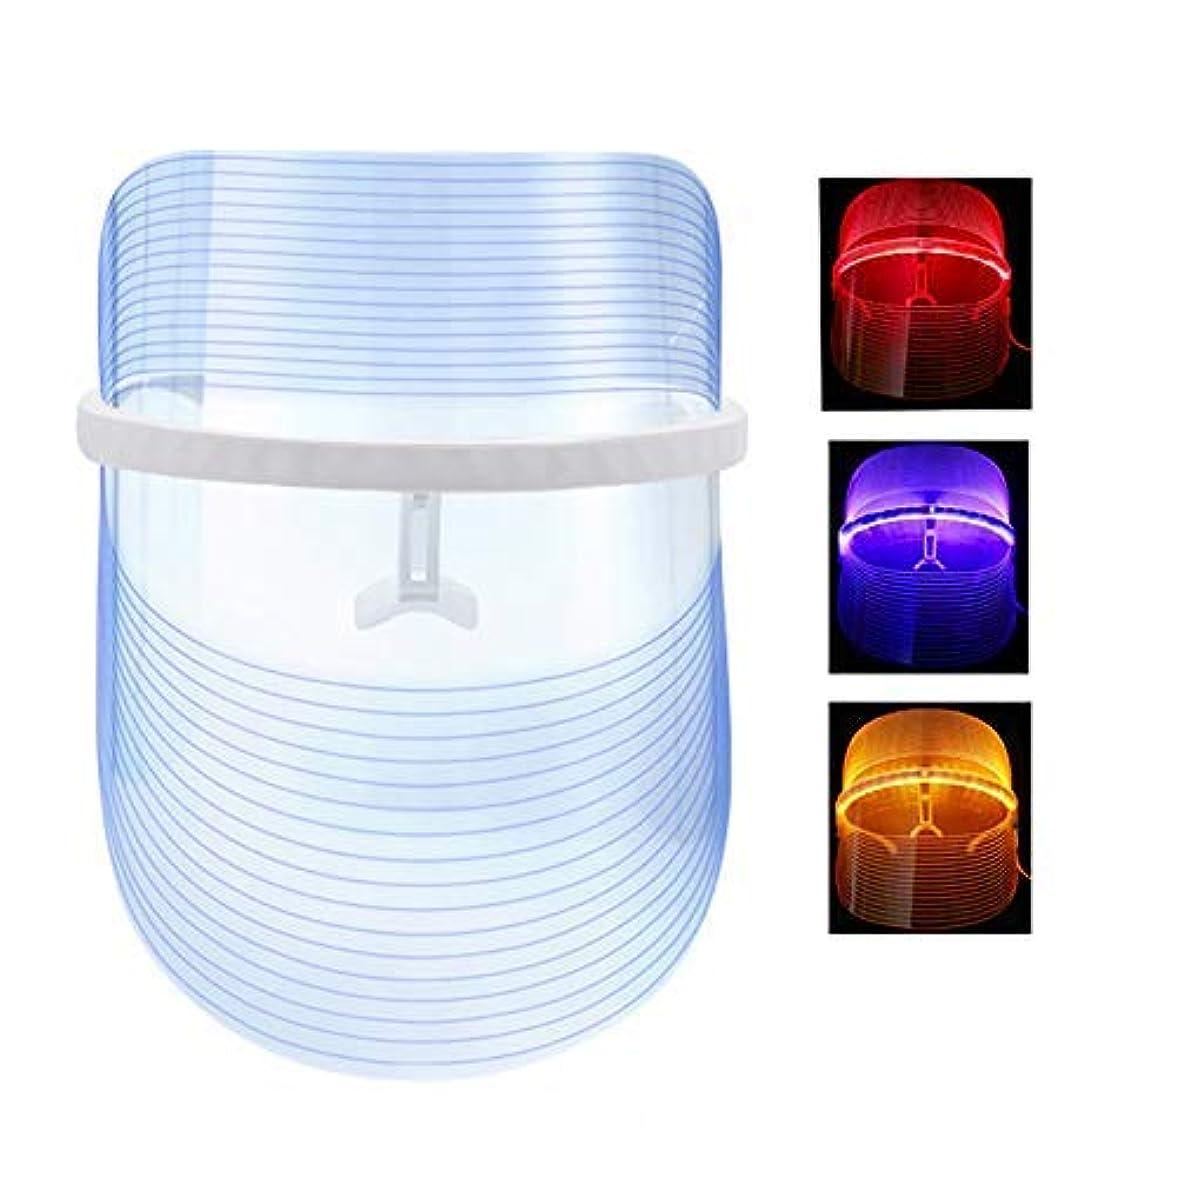 トロリーバス伝染性ループ光療法フォトンマスクにきび治療フェイススキンケアの無制限セッション-個別に赤/青/オレンジのライト